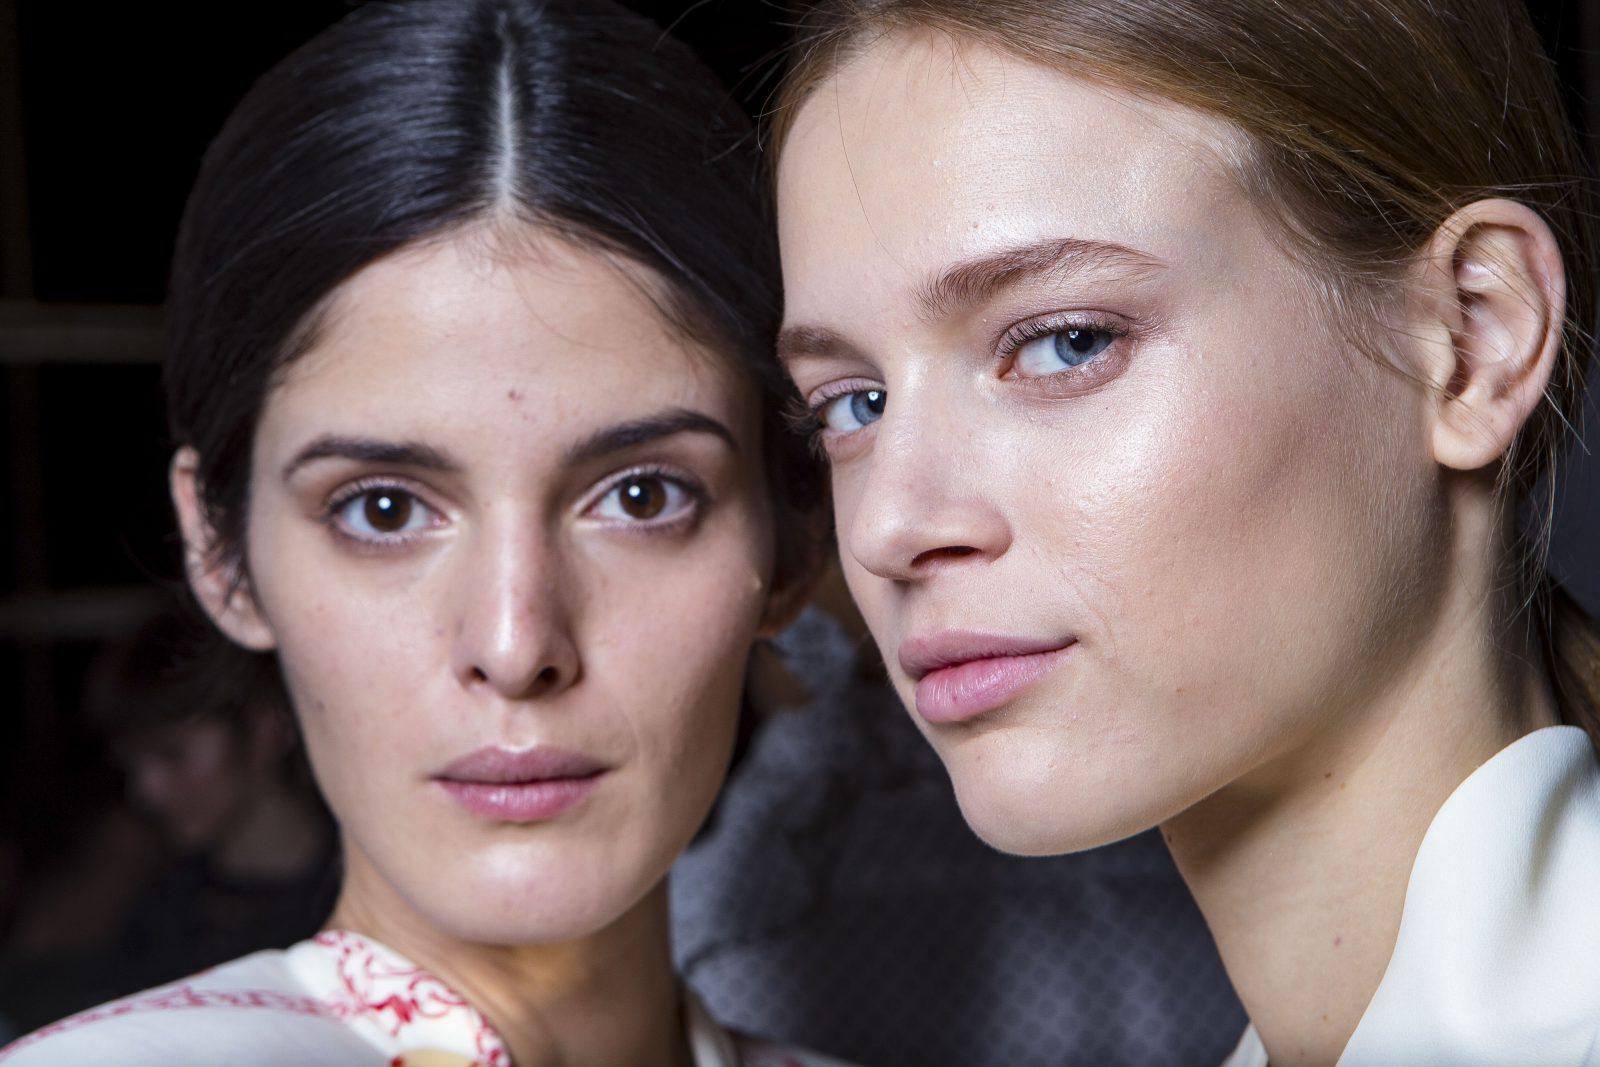 Μυστικά ομορφιάς: Το βασικότερο συστατικό για ένα υπέροχο δέρμα δεν κοστίζει τίποτα